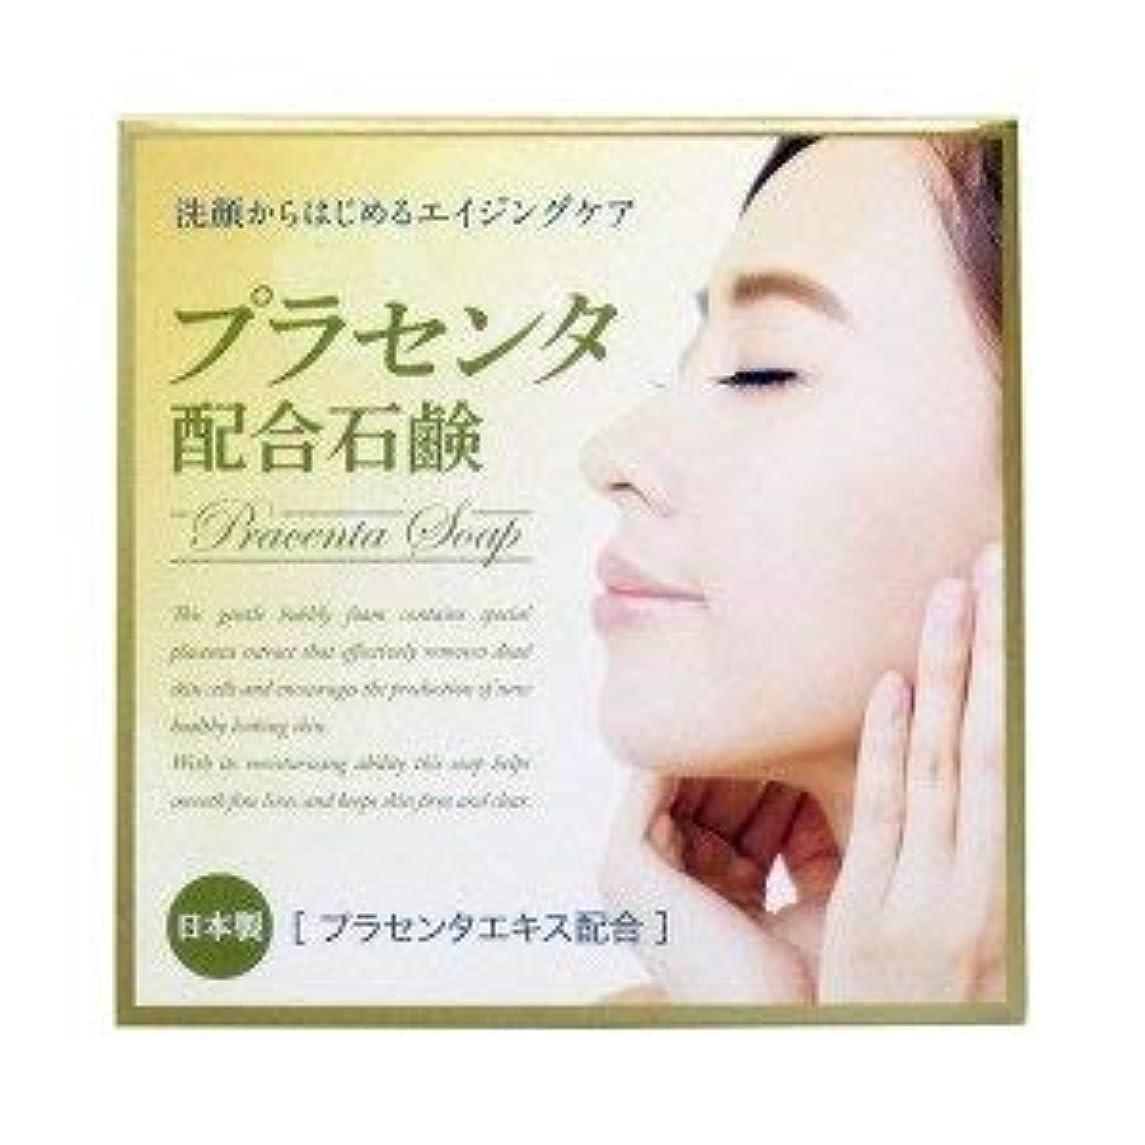 論争ミュージカル毎日プラセンタ配合石鹸 80g×2 2個1セット プラセンタエキス保湿成分配合 日本製